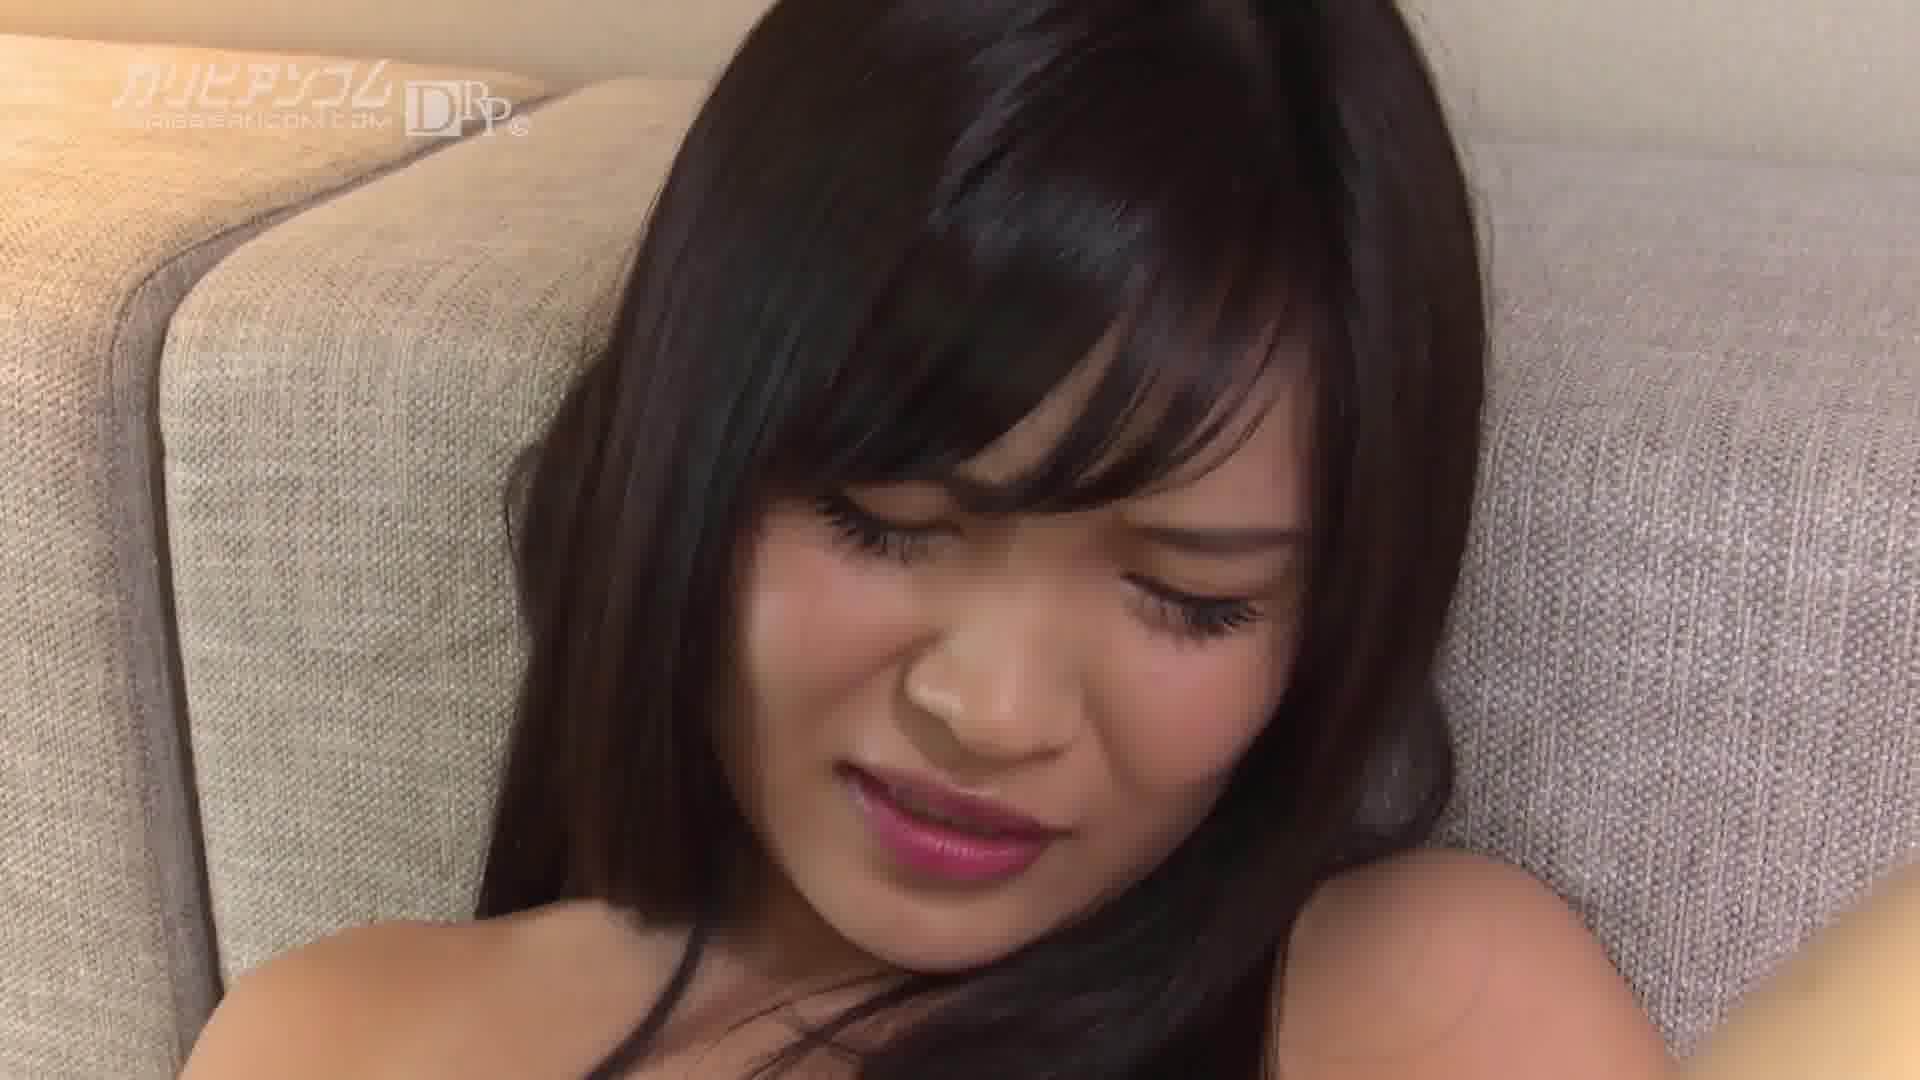 恋オチ ~元陸上部の新人女優は惚れやすい普通の女の子~ - 羽多野しずく【パイパン・美脚・中出し】